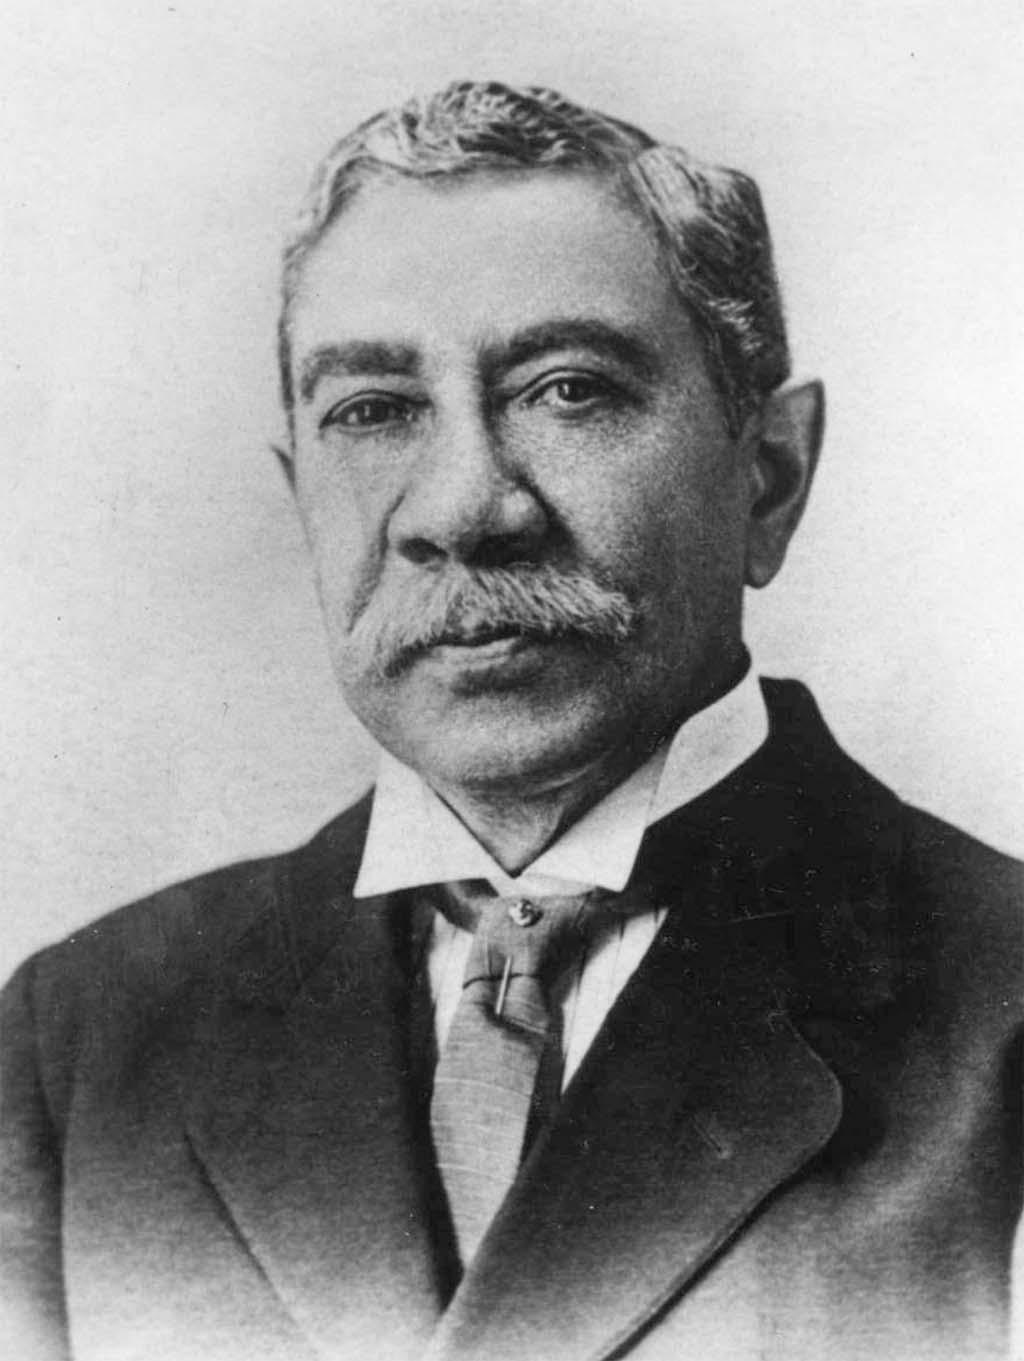 John P. Green